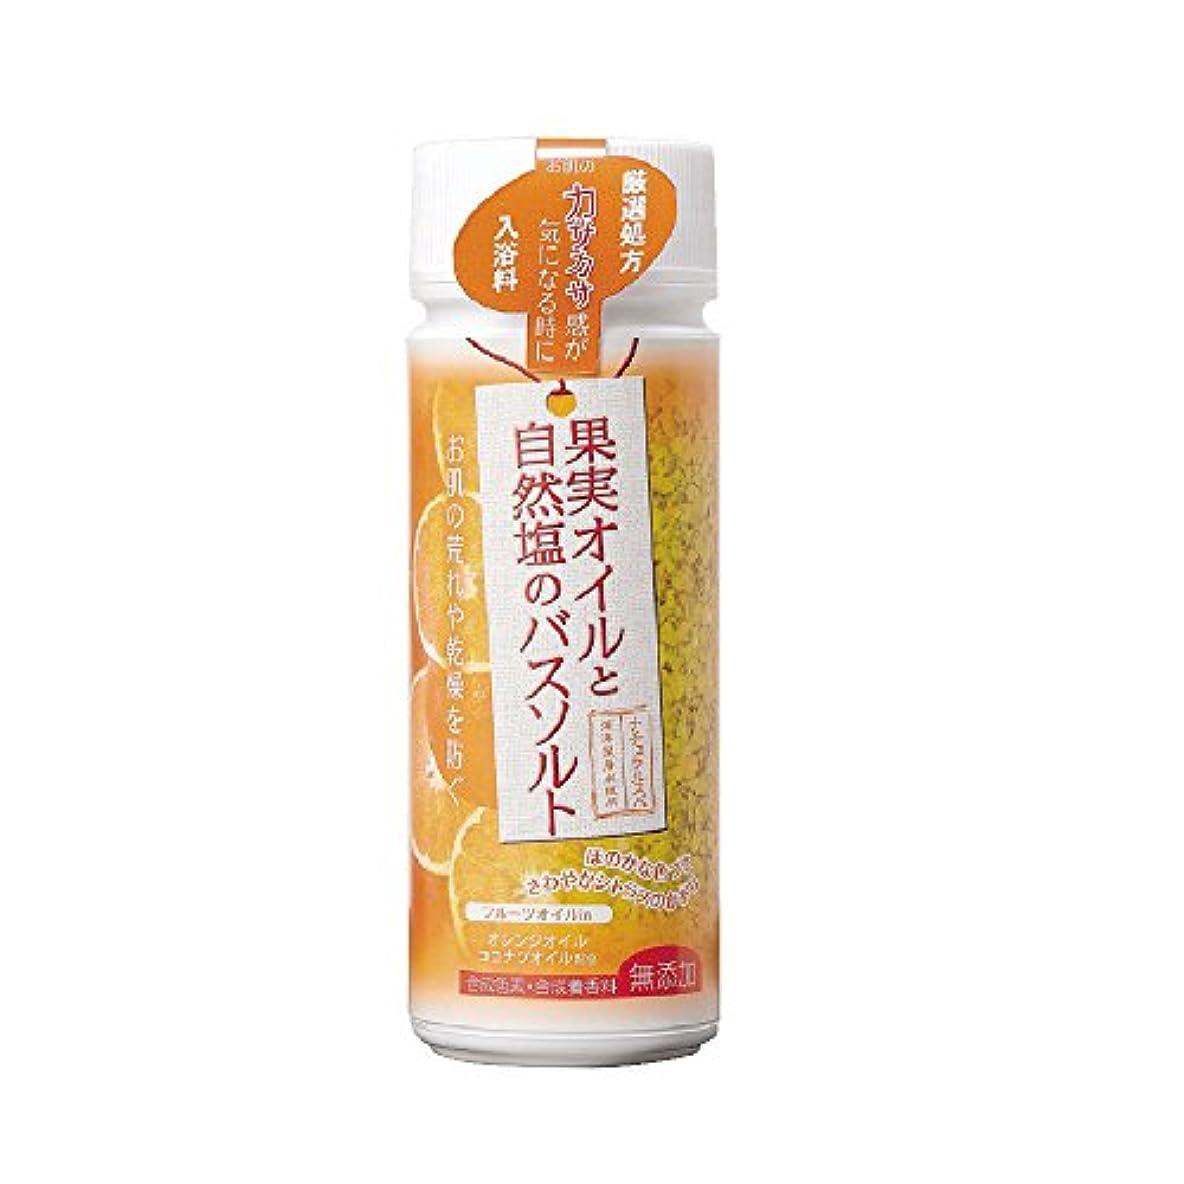 神経健康認証五洲薬品 ナチュラルスパ 果実オイルボトル 630g